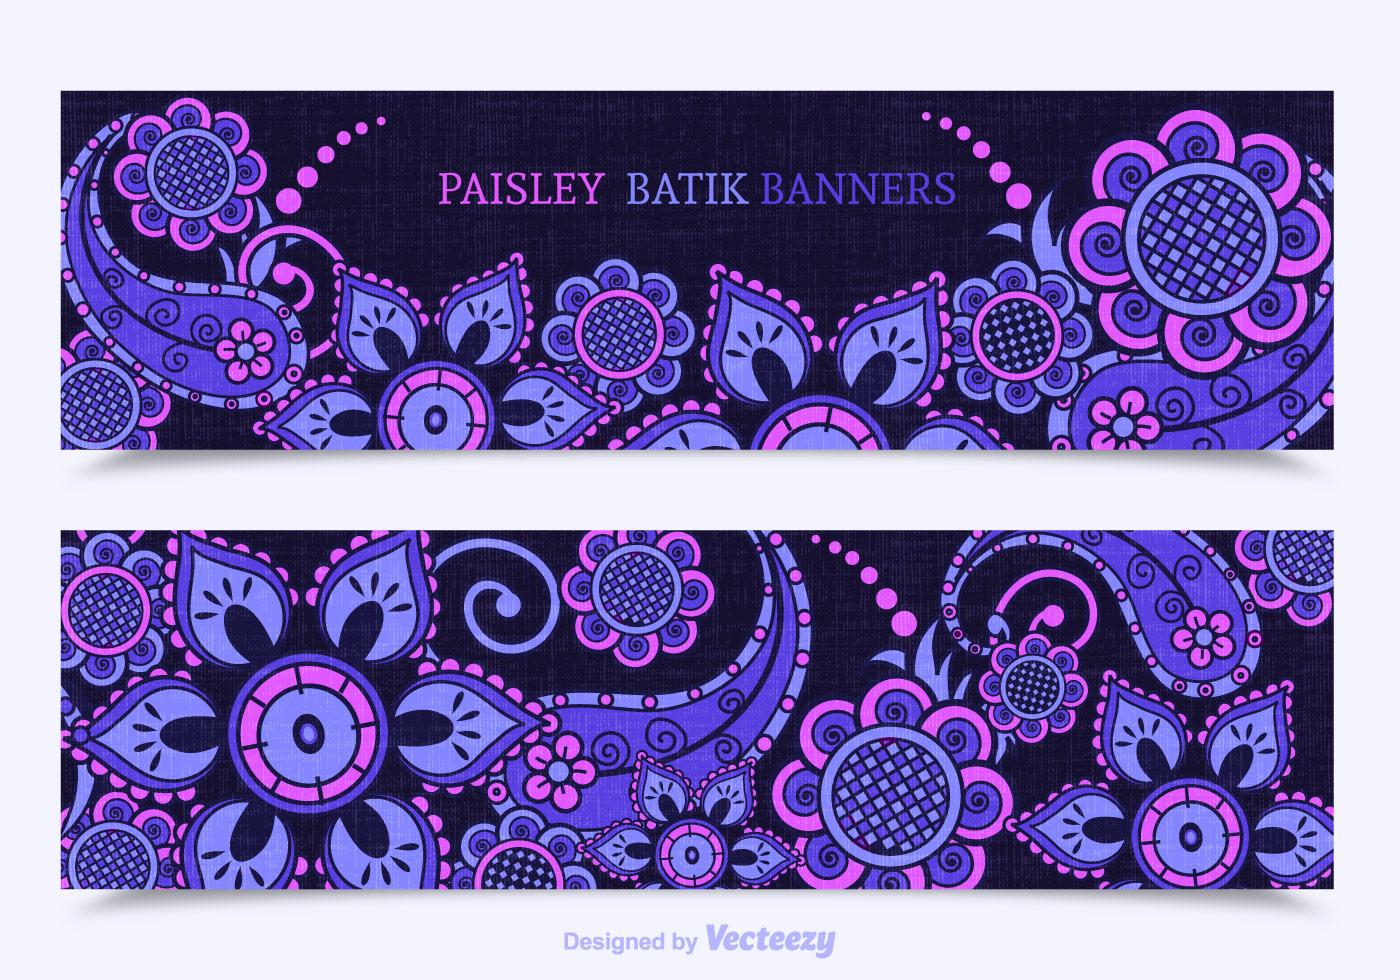 Free Paisley Batik Vector Banners Download